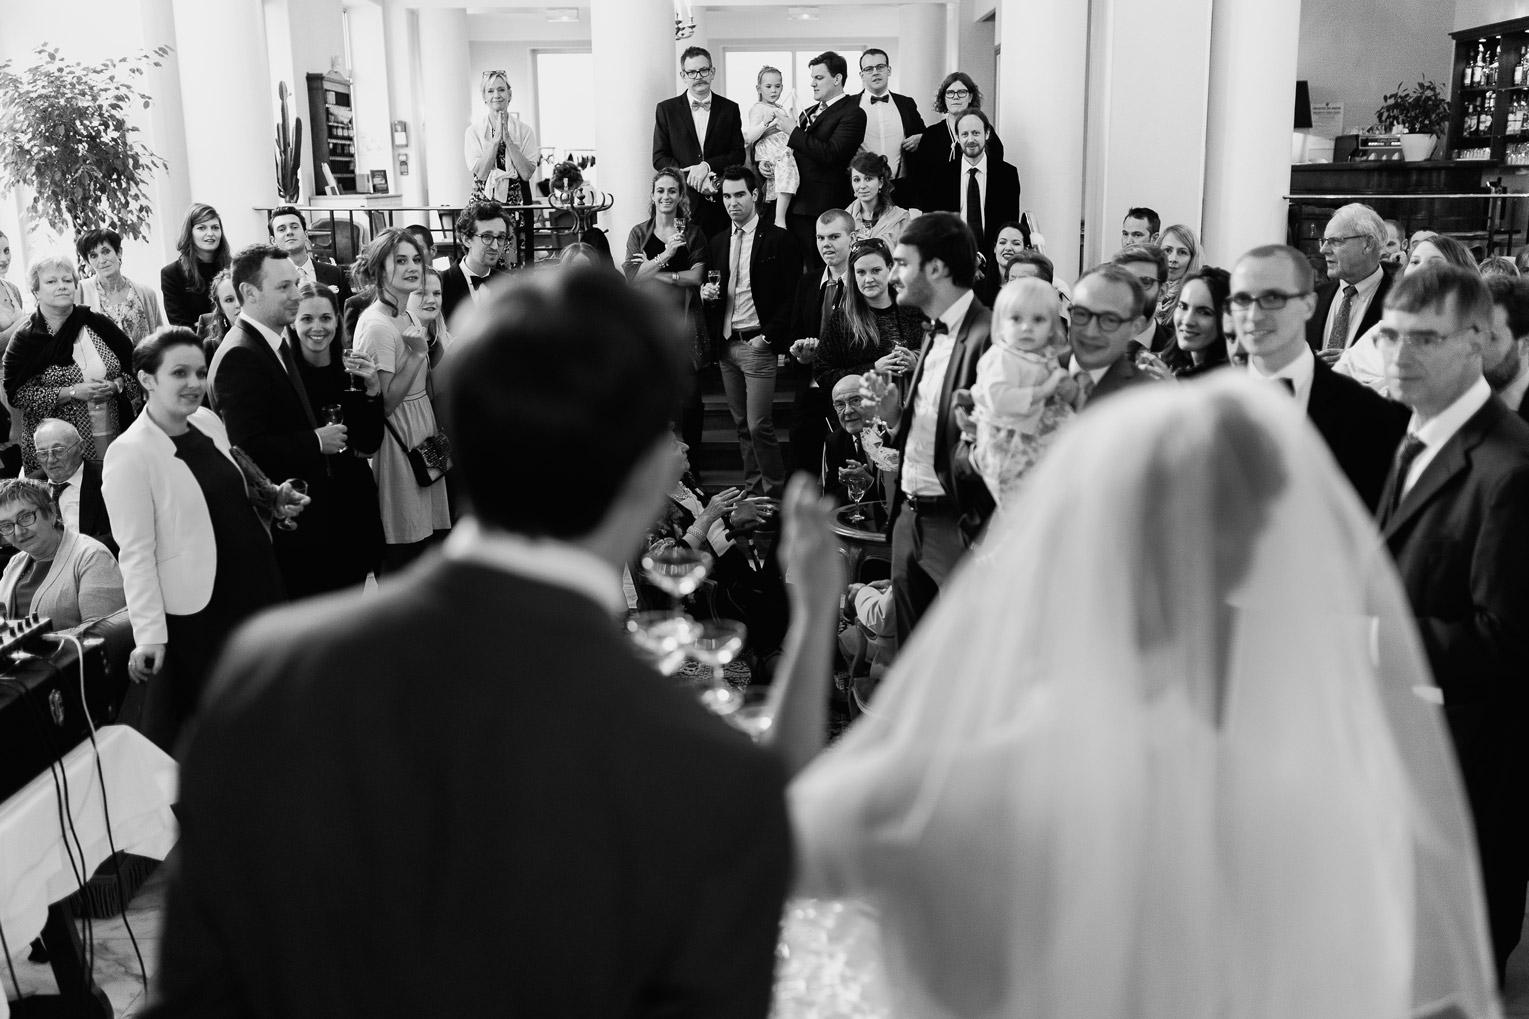 Hotel Royal Saint Mart Royat Clermont Ferrand Discours des mariés aux invités